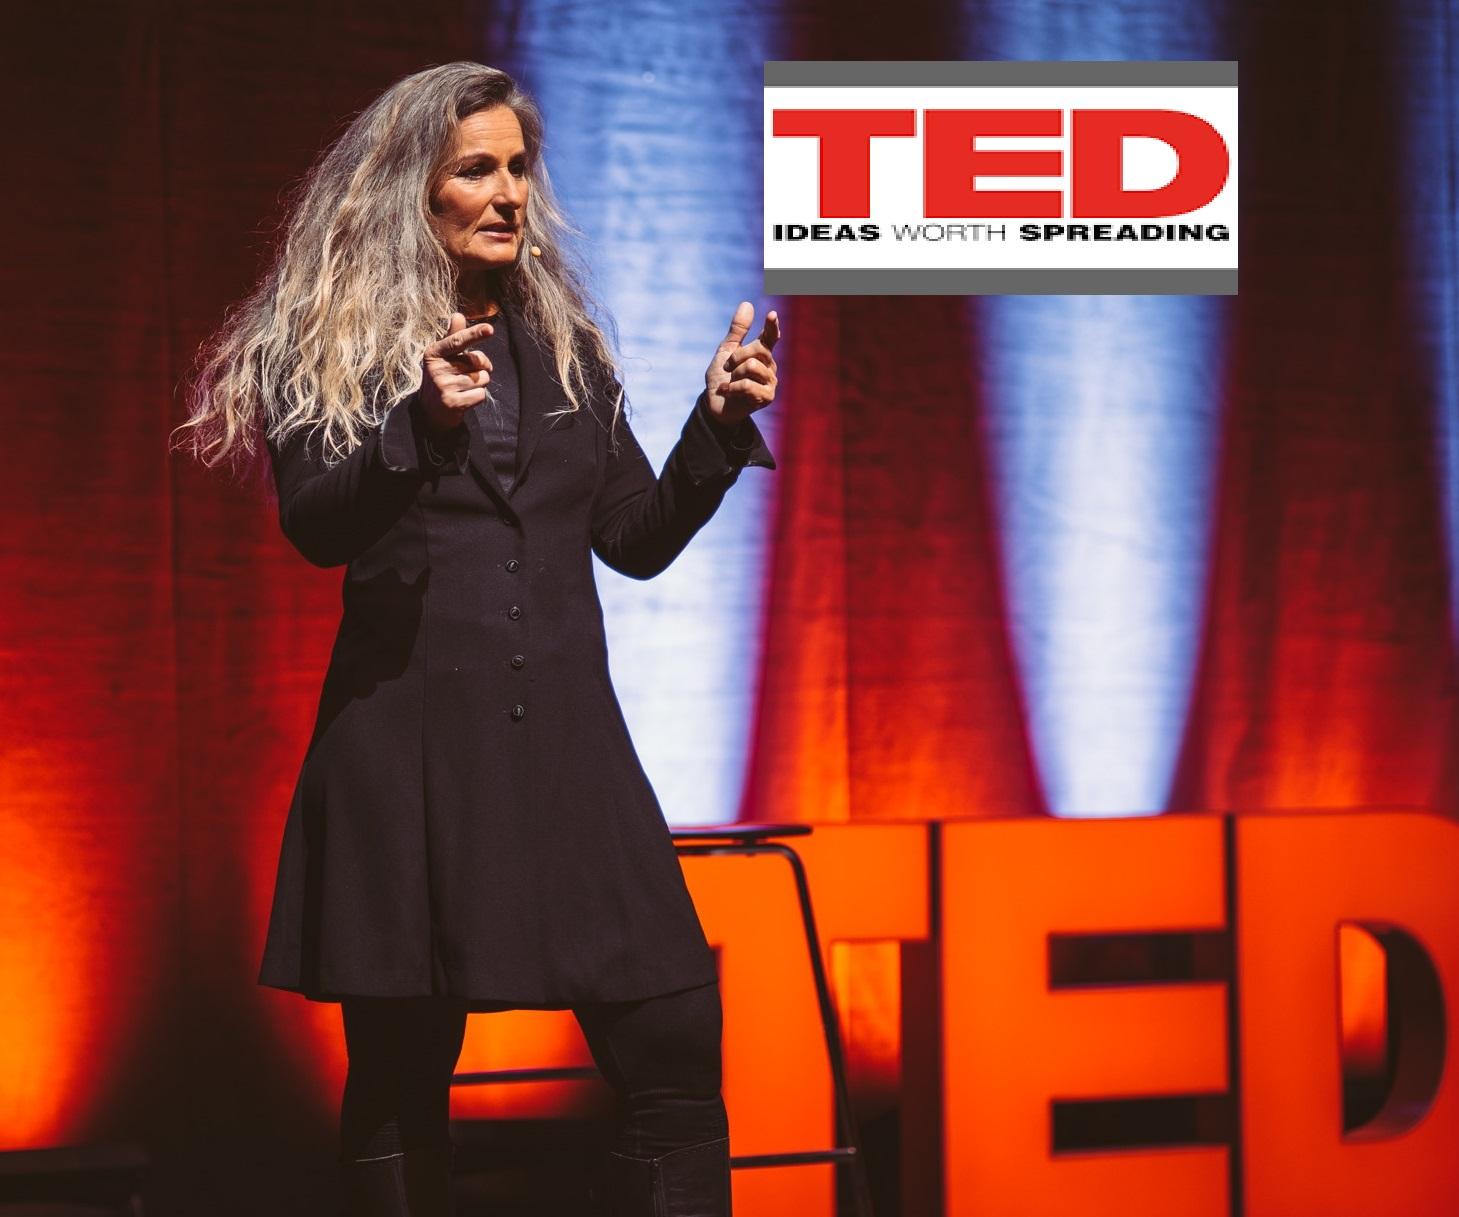 Lene Gammelgaard TEDxTALK Hjernen og bæredygtighed